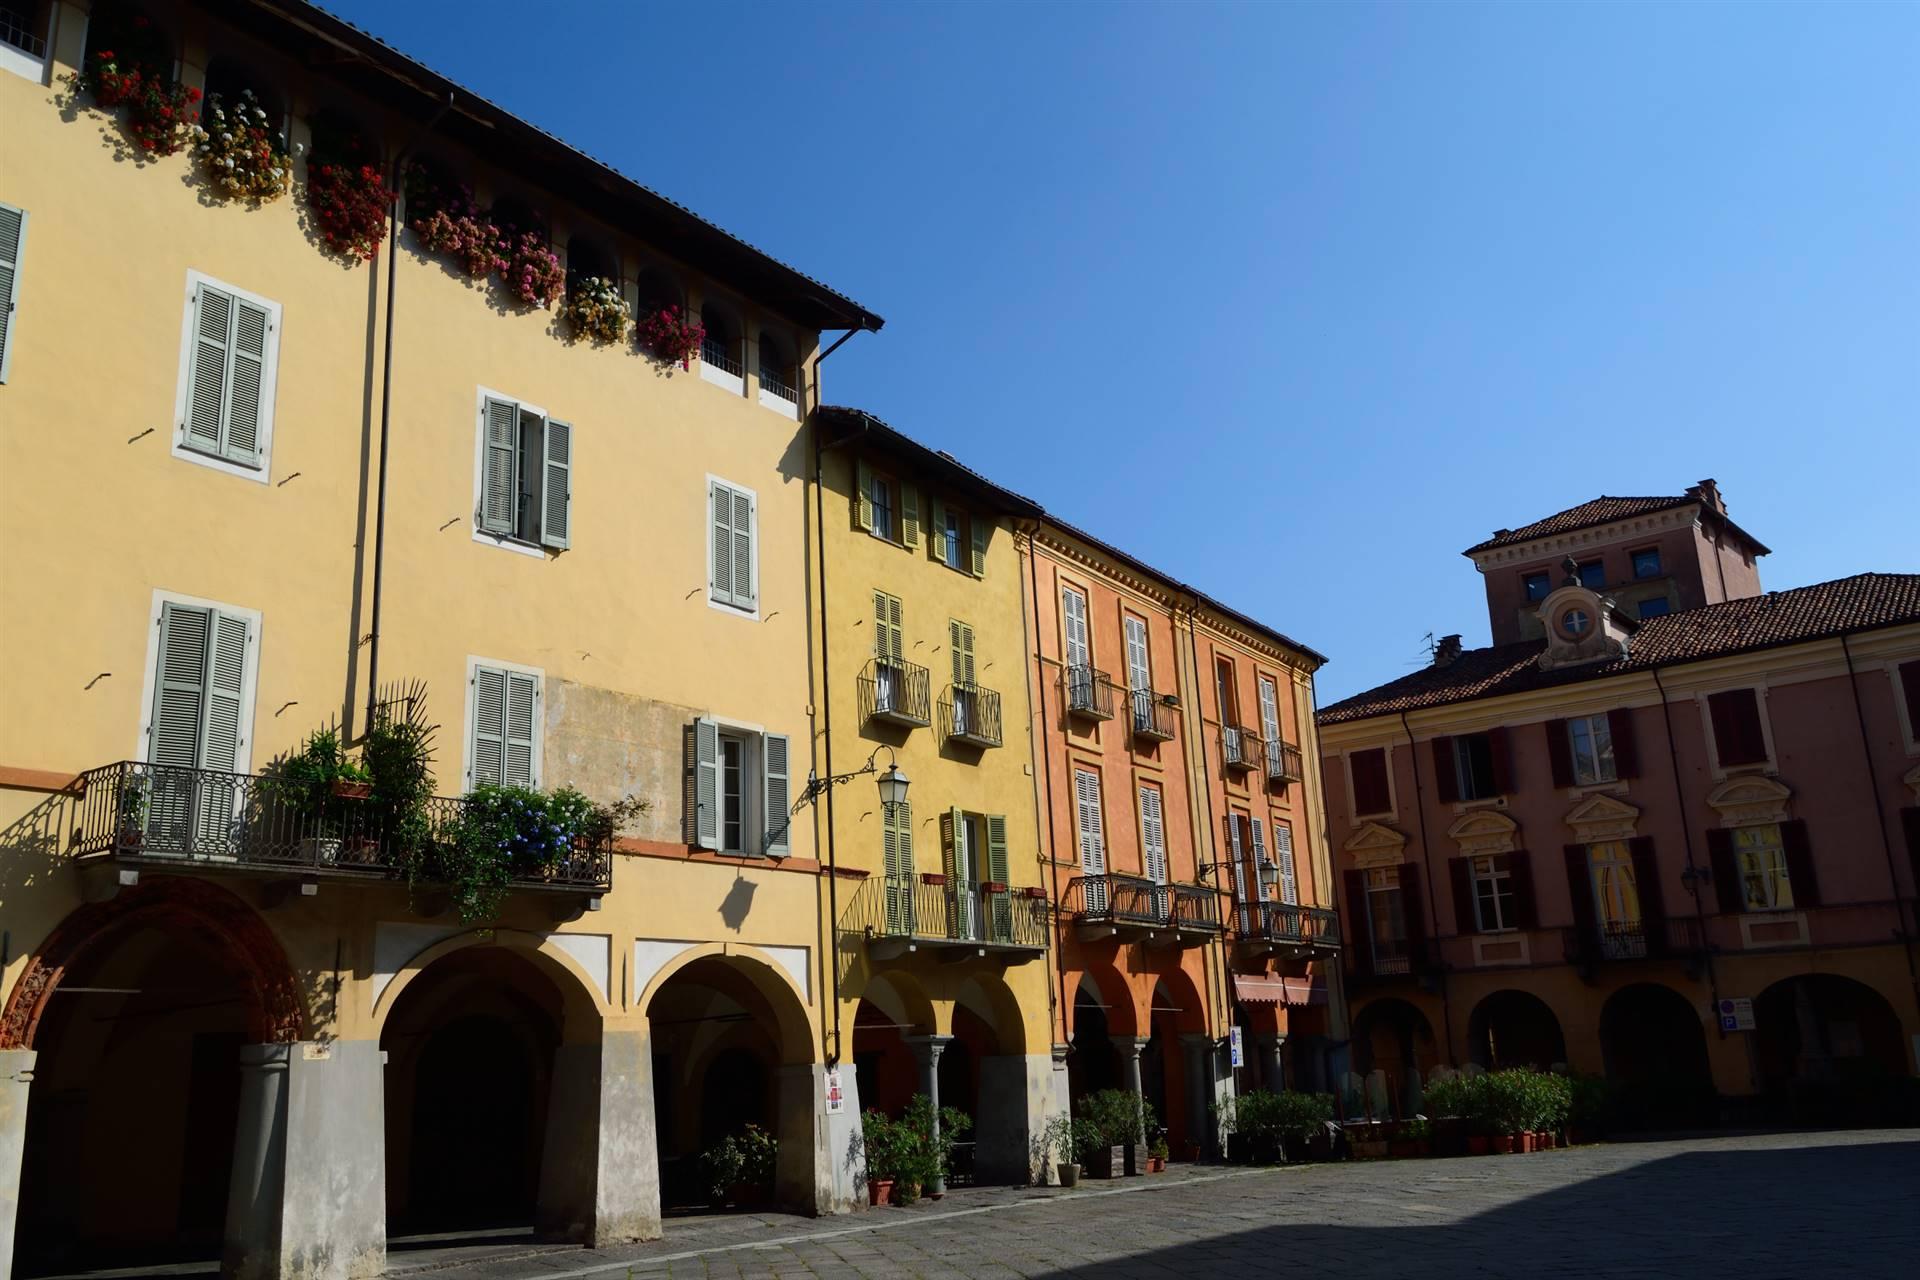 Appartamento in vendita a Biella, 3 locali, zona zo, prezzo € 50.000 | PortaleAgenzieImmobiliari.it